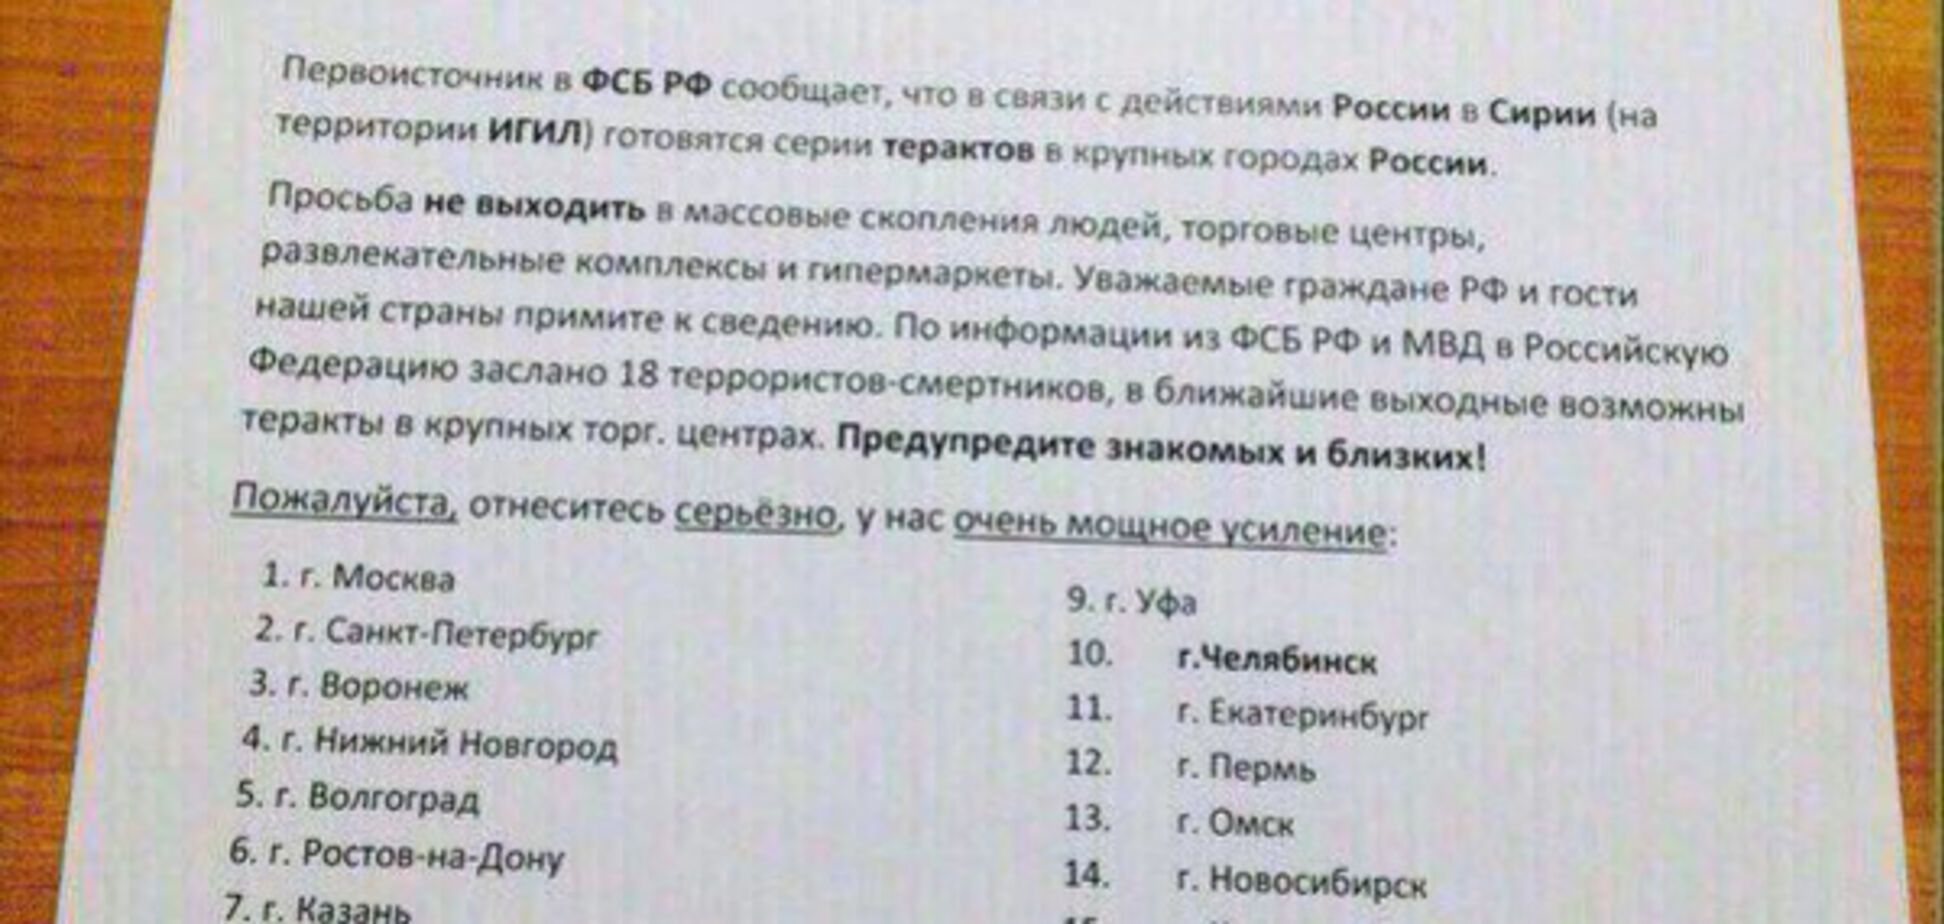 Настроения в России: аналитический срез